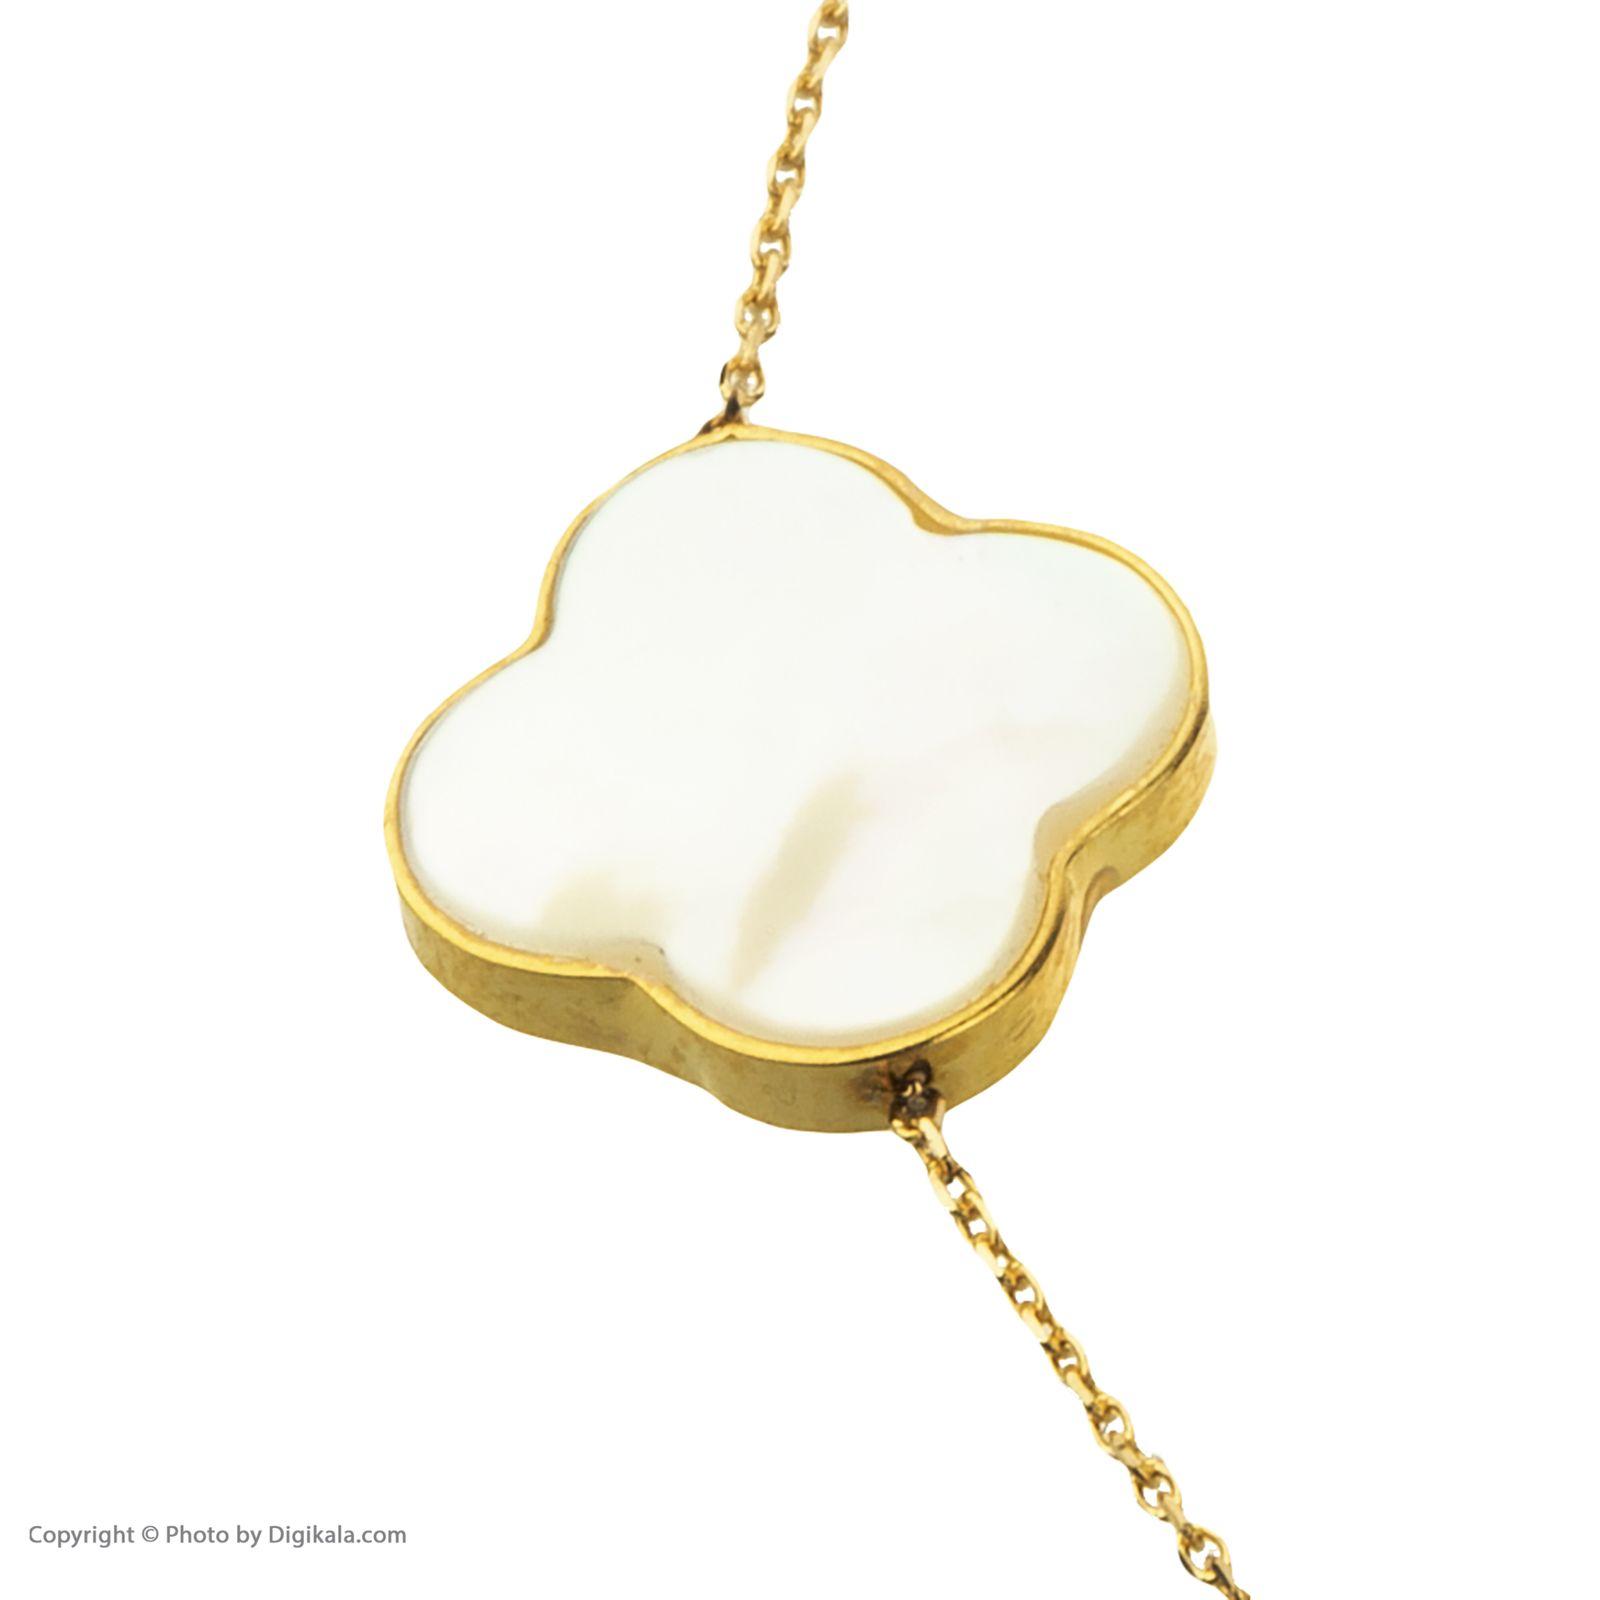 دستبند طلا 18 عیار زنانه میو گلد مدل GD627 -  - 4